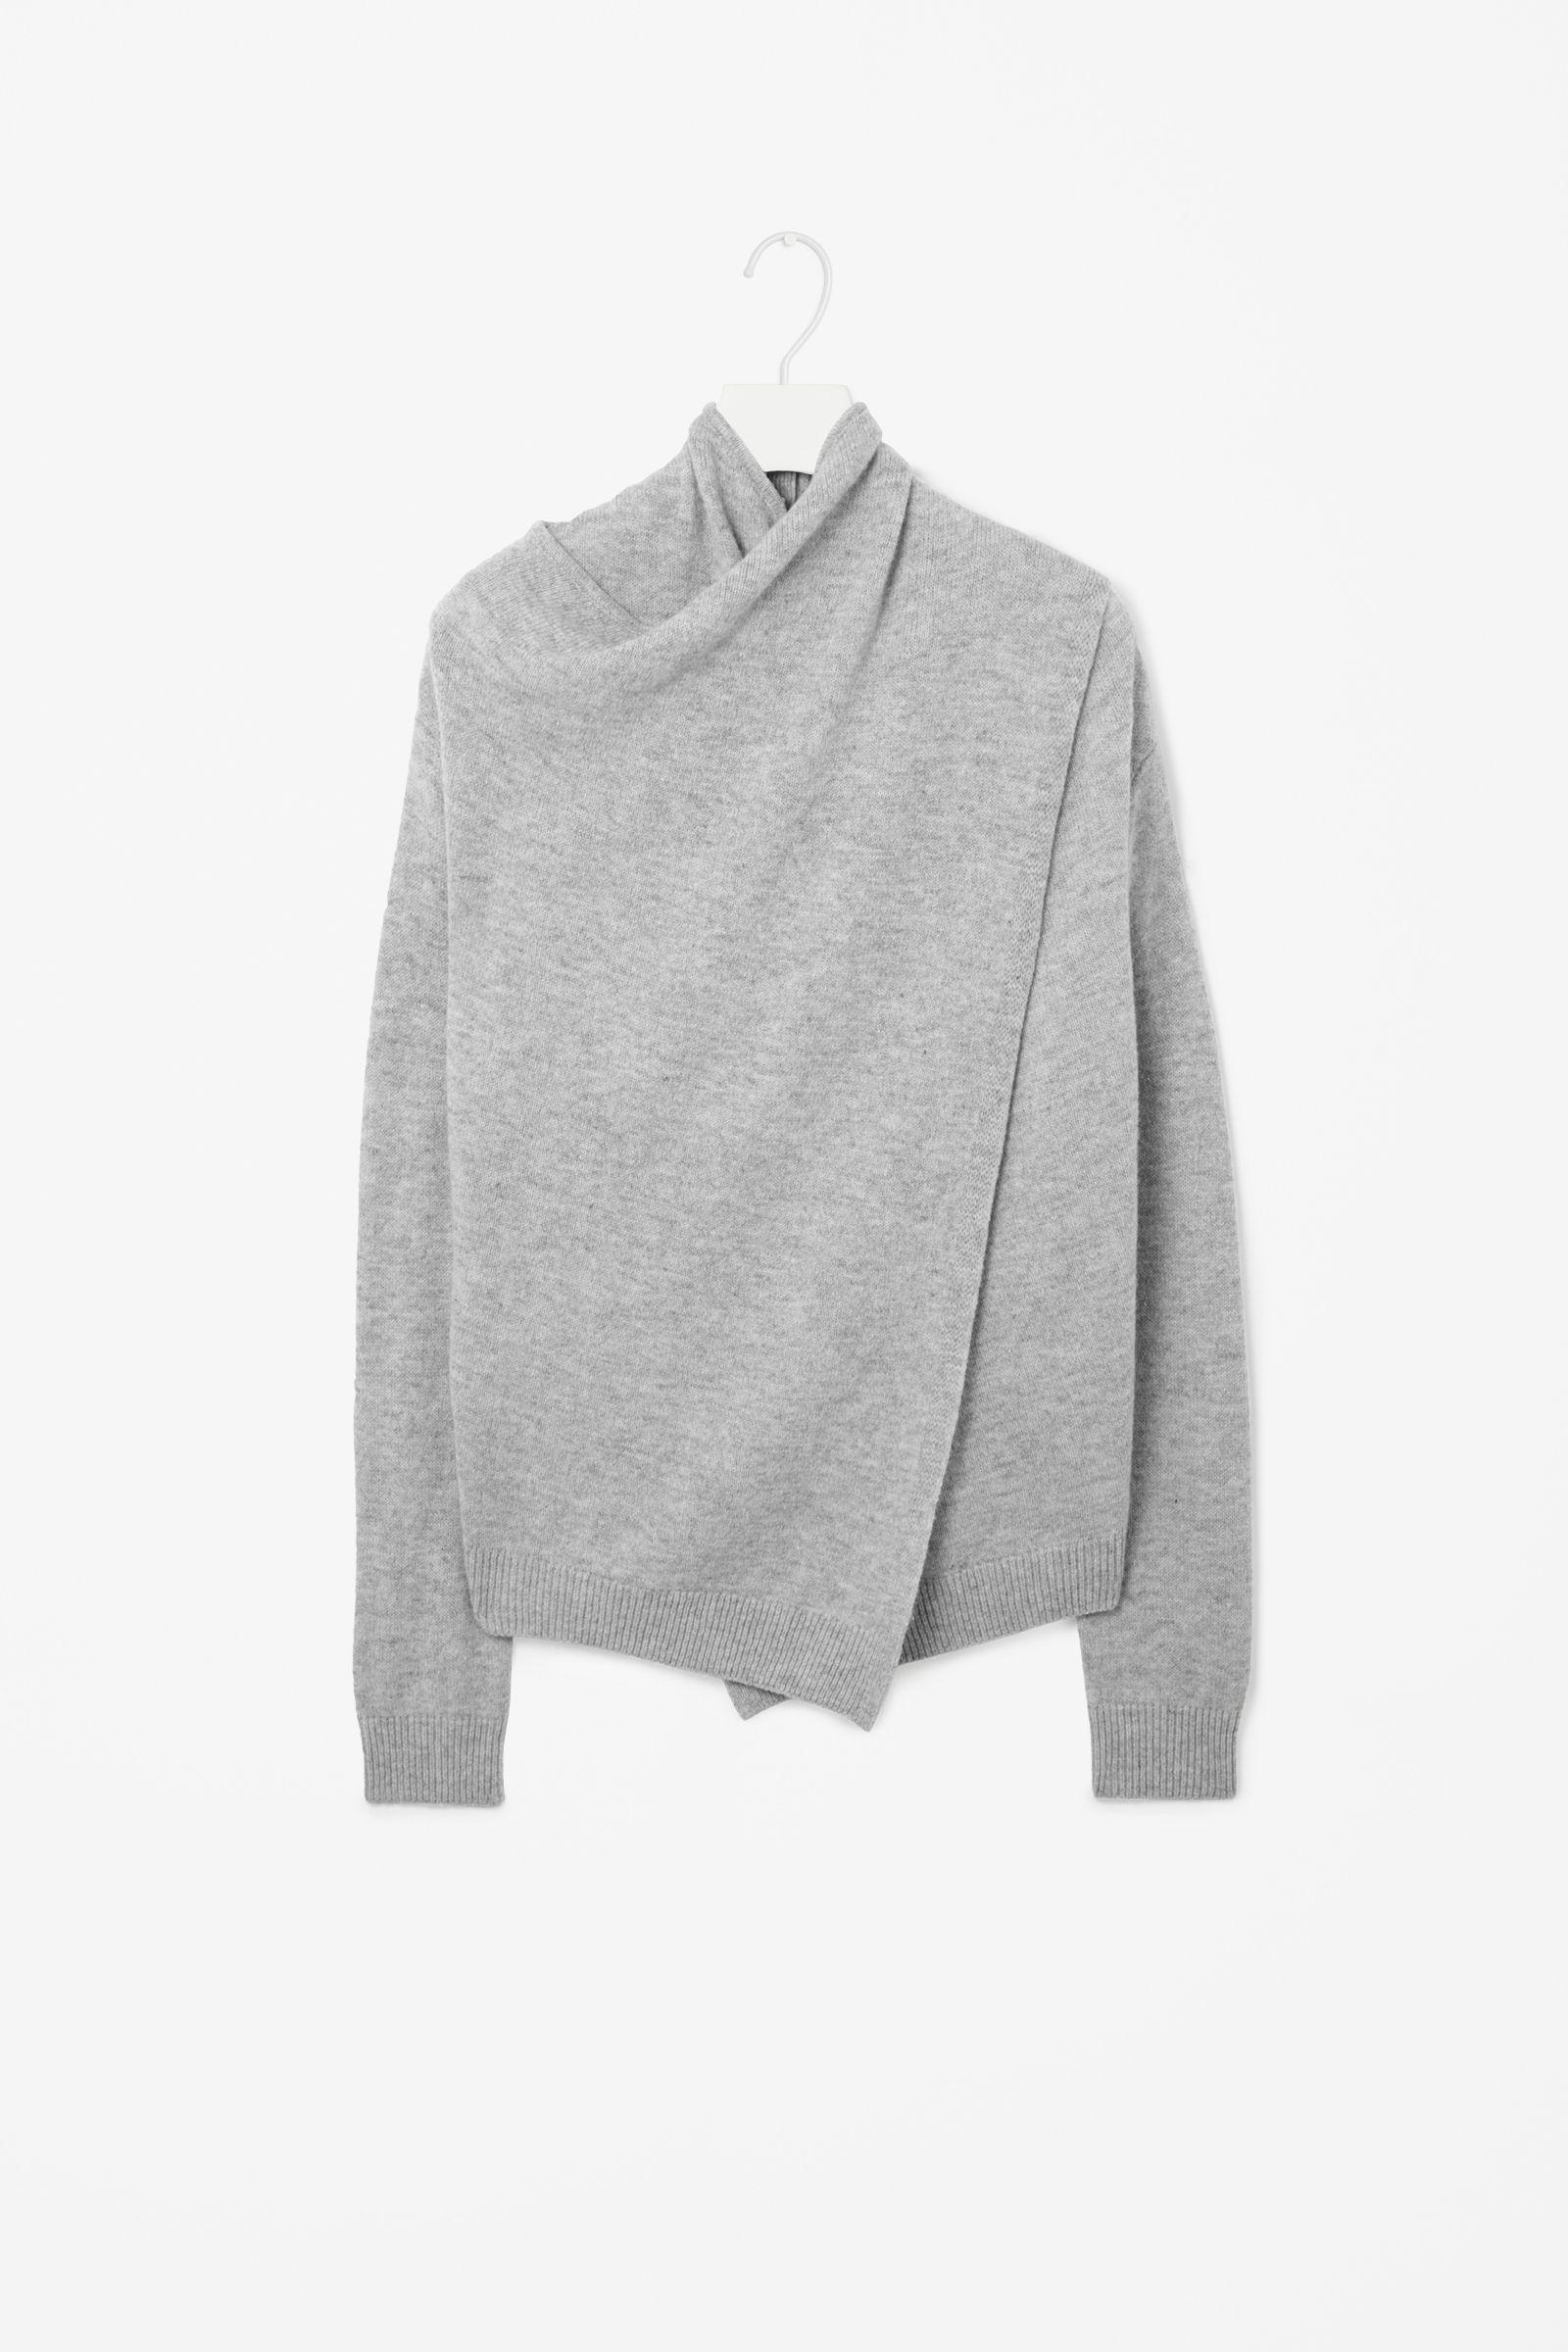 db48df6d2f3 Cos - Overlap wool jumper | Want! | Fashion, Minimalist fashion ...